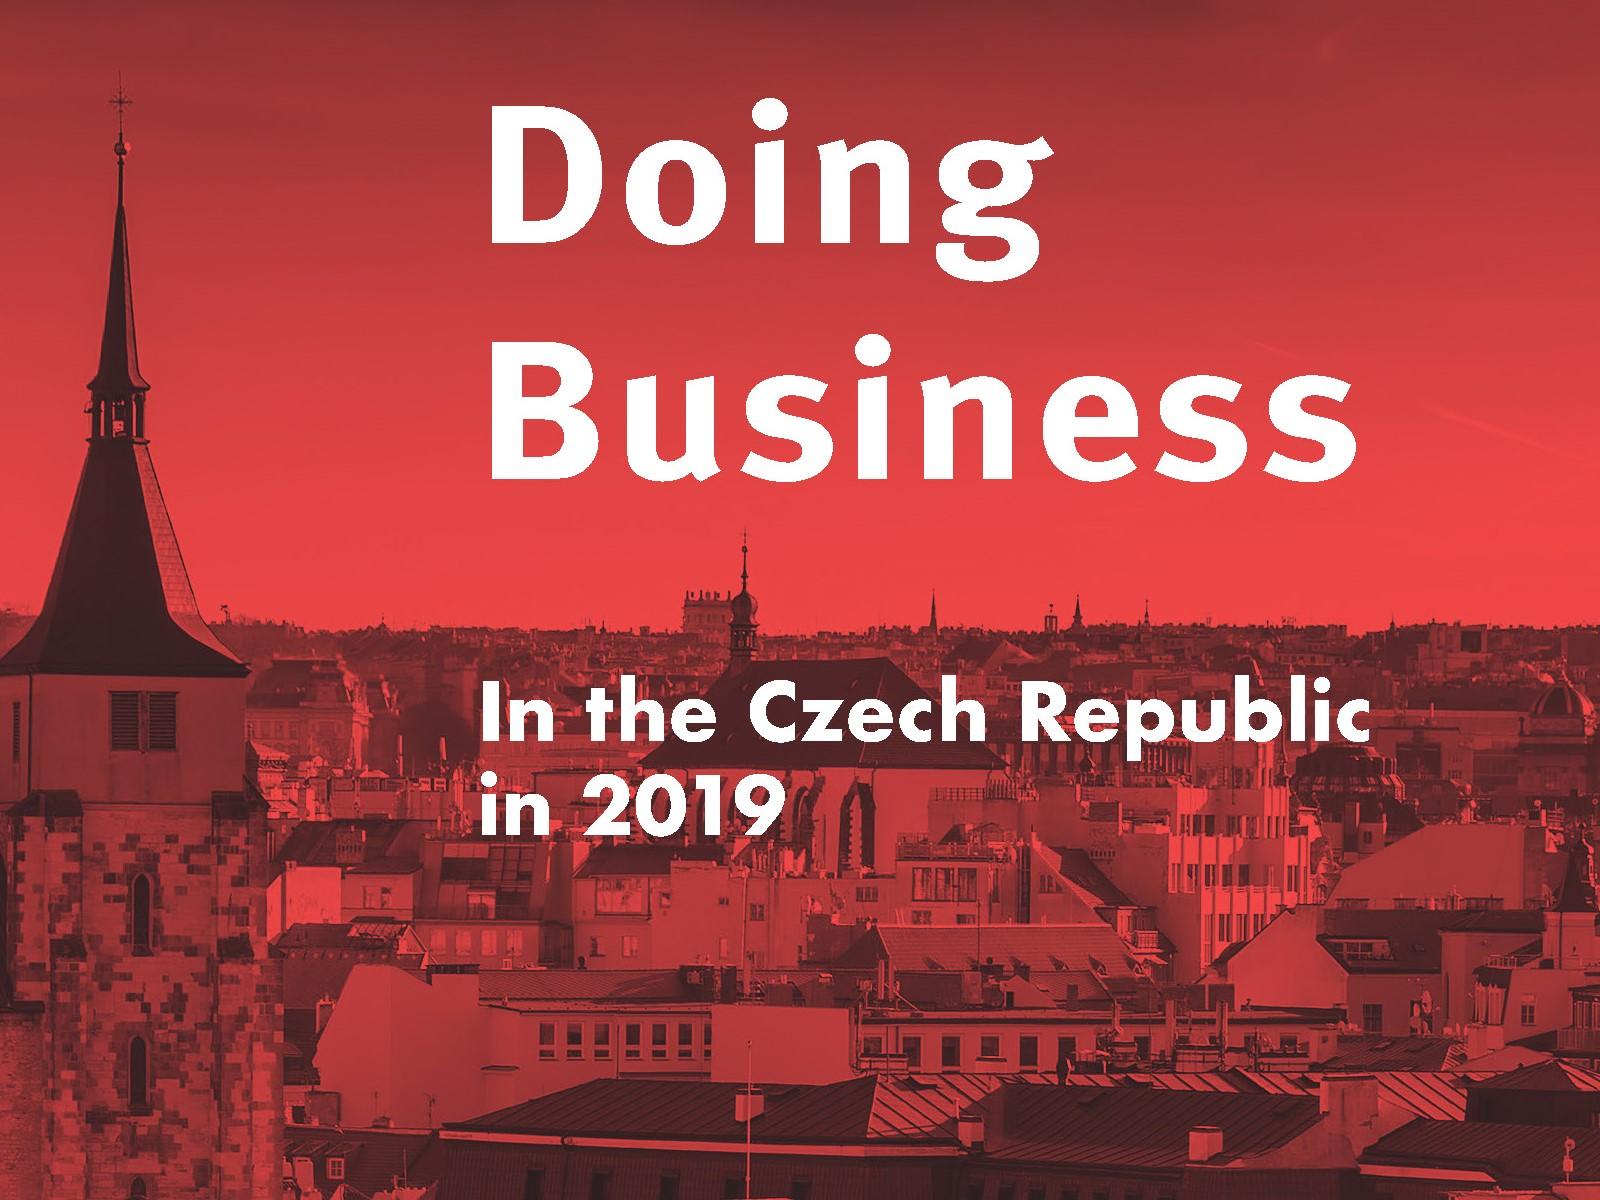 Czech Republic Doing Business 2019